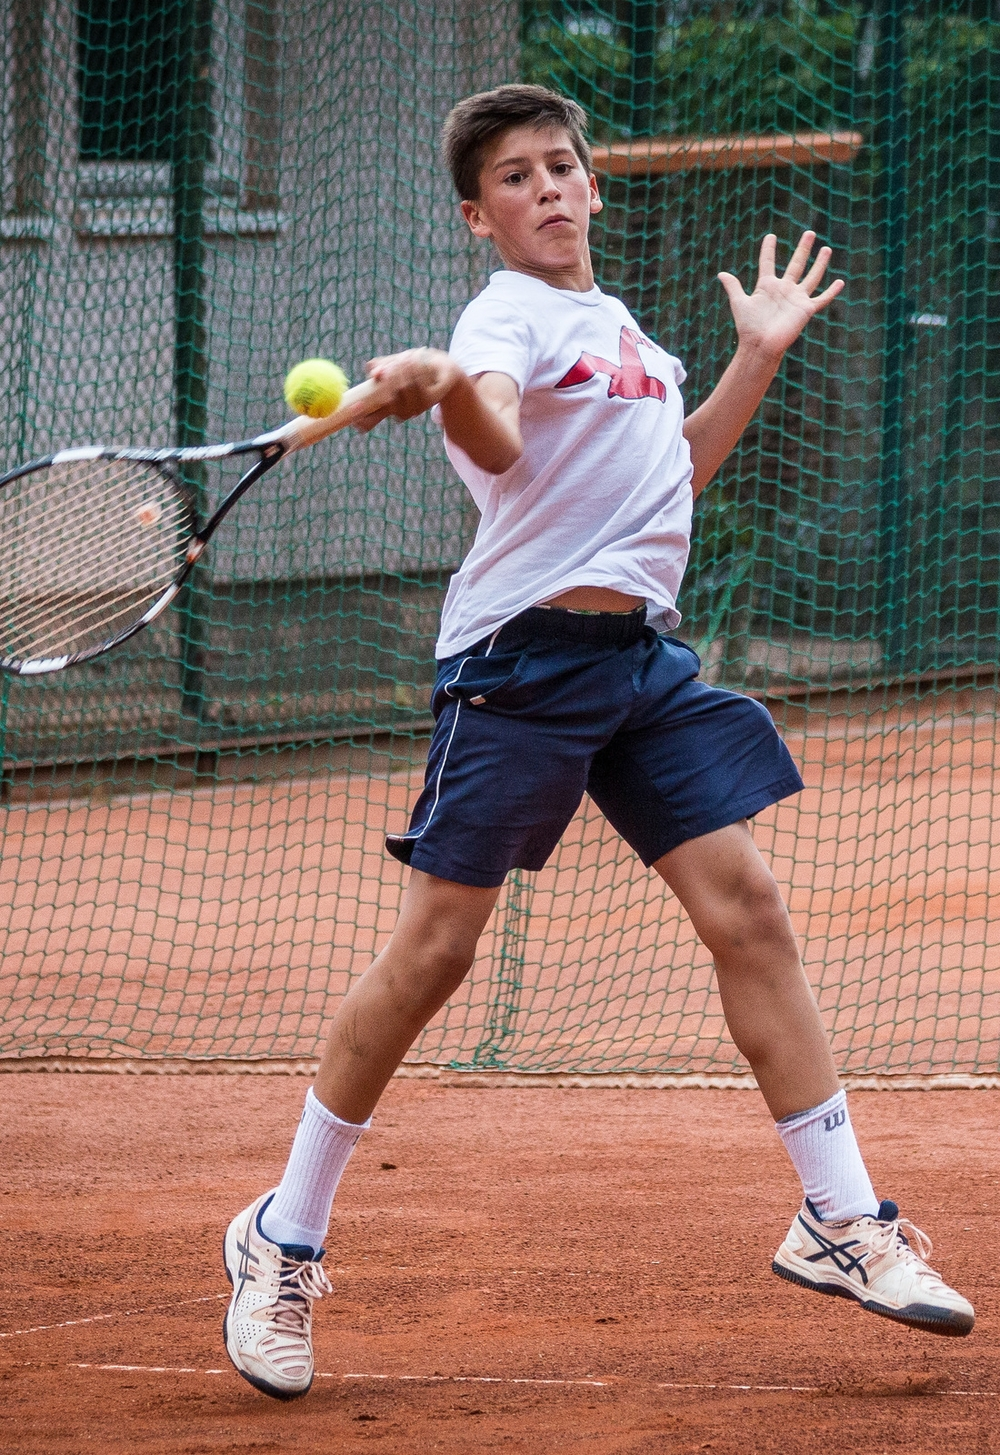 Antonio Sisko